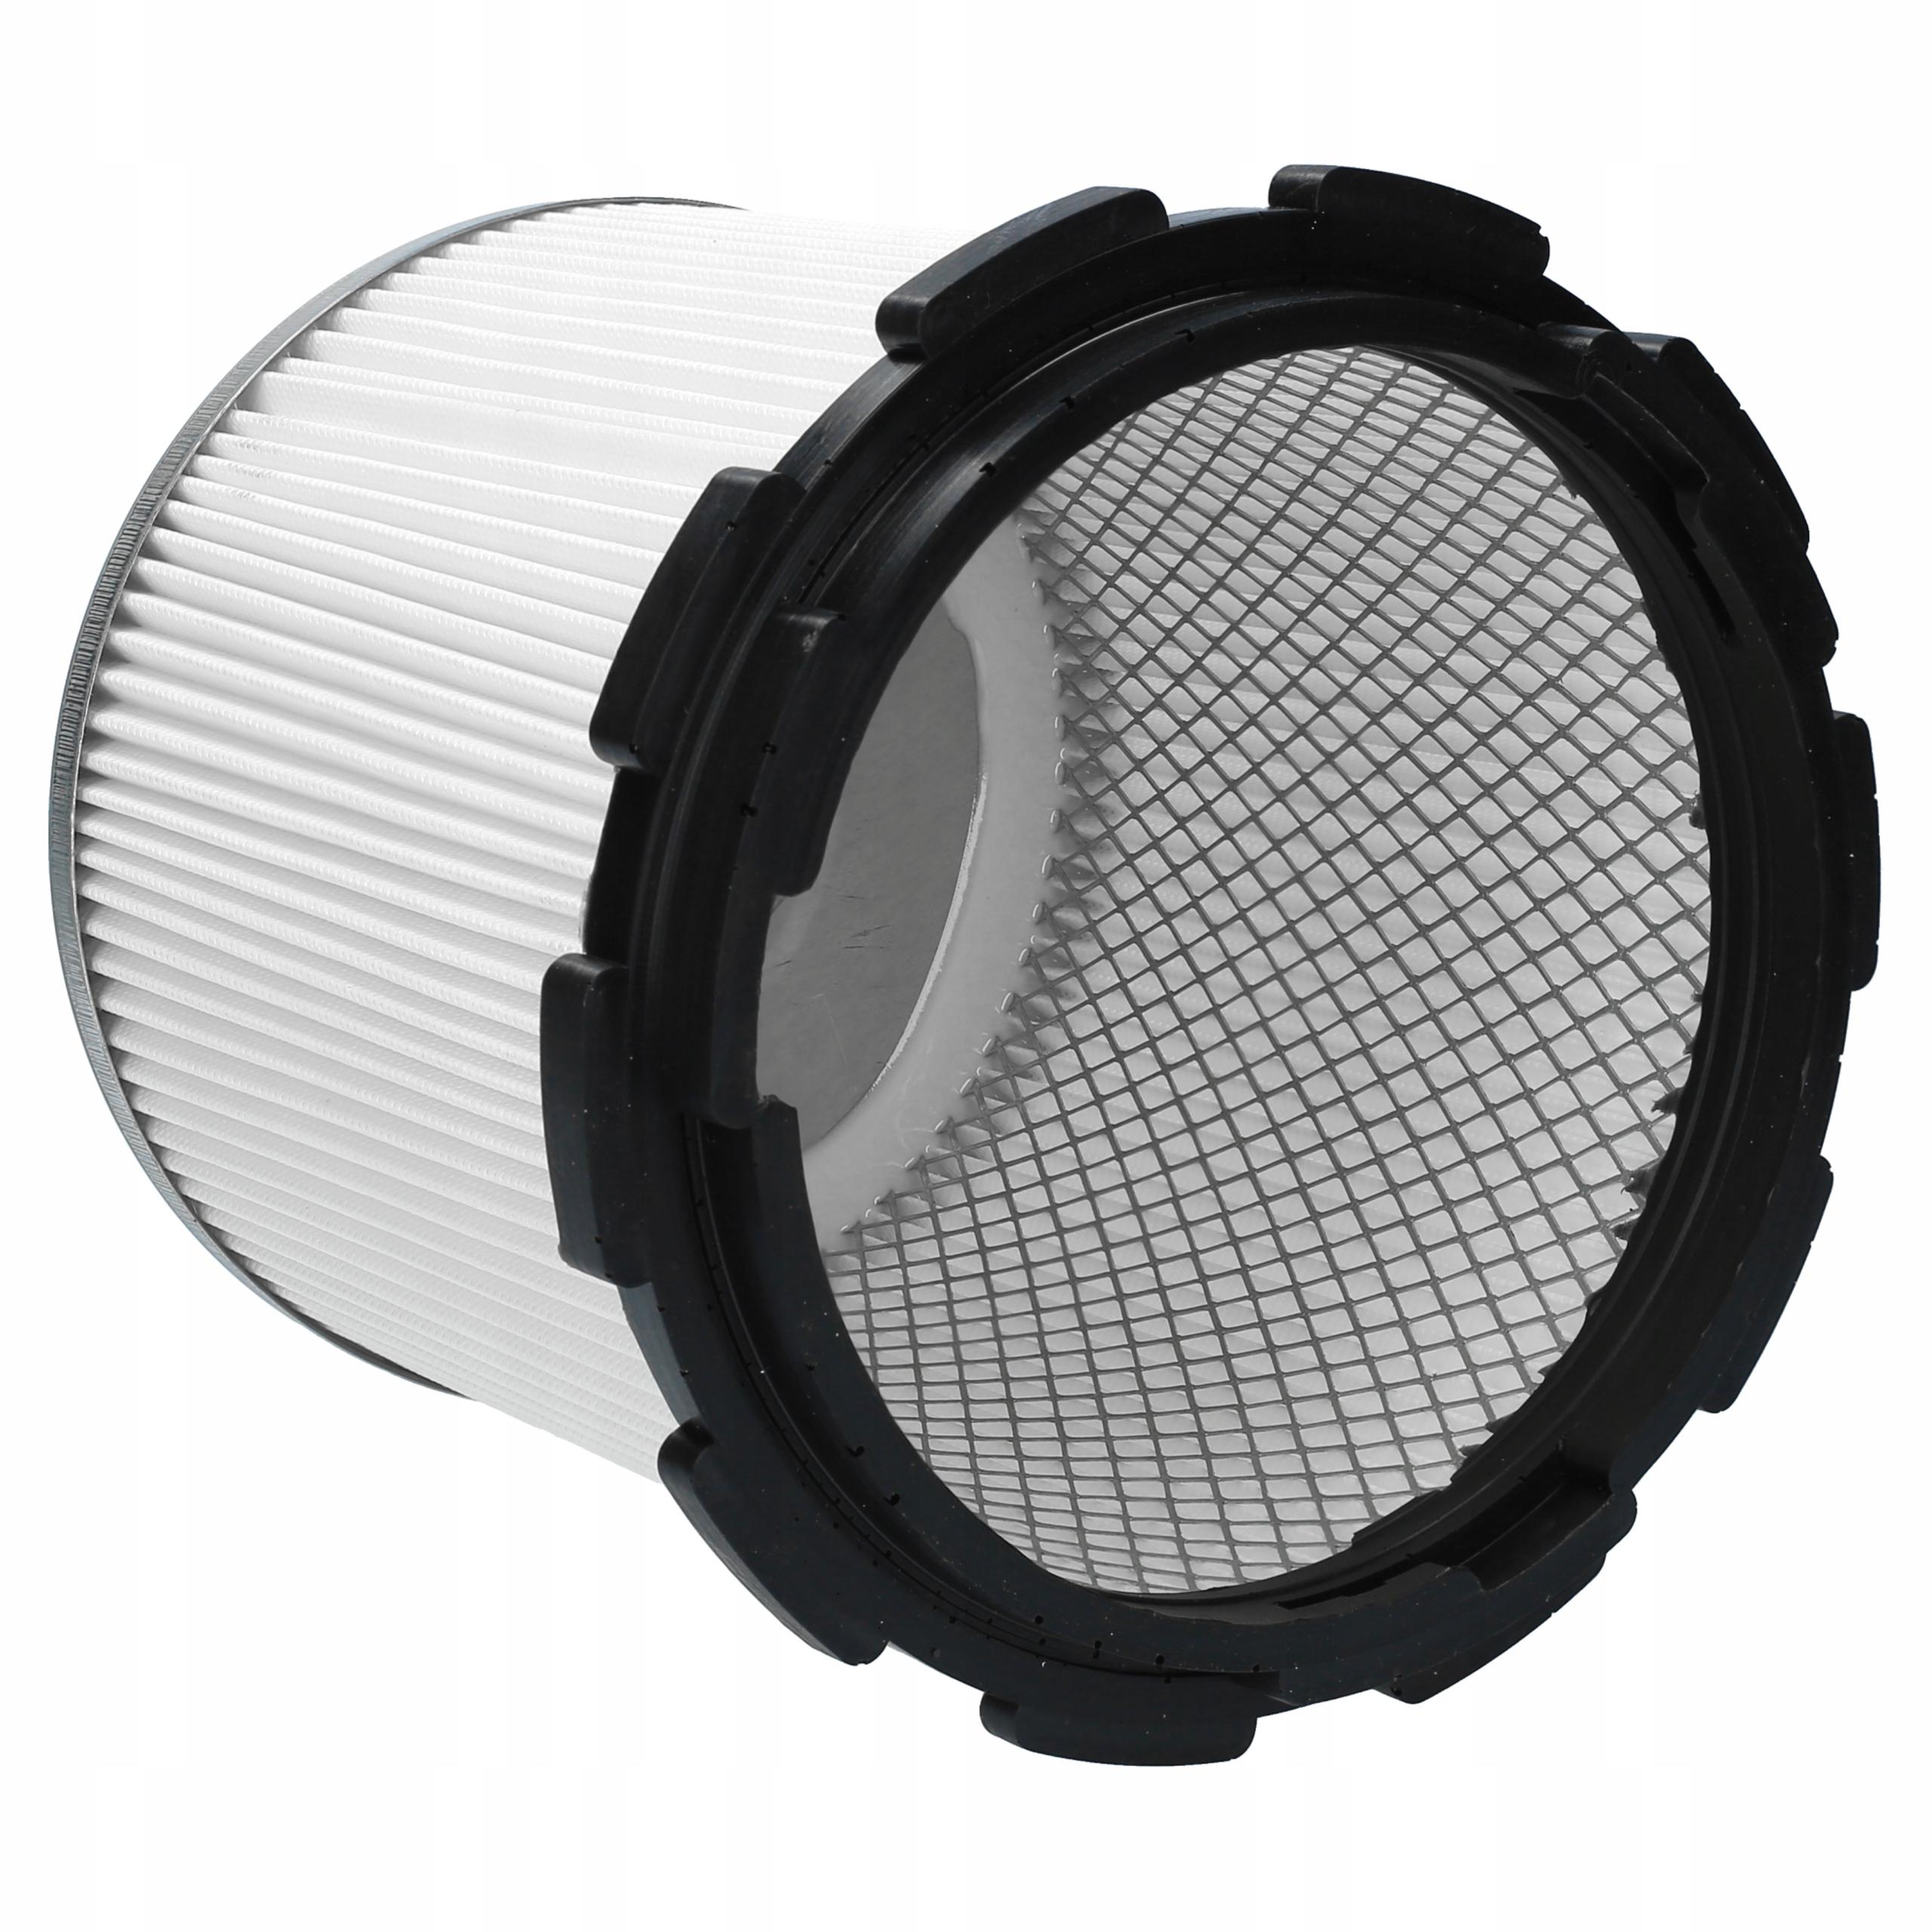 Vzduchový filter pre vysávač Protool VCP 30E